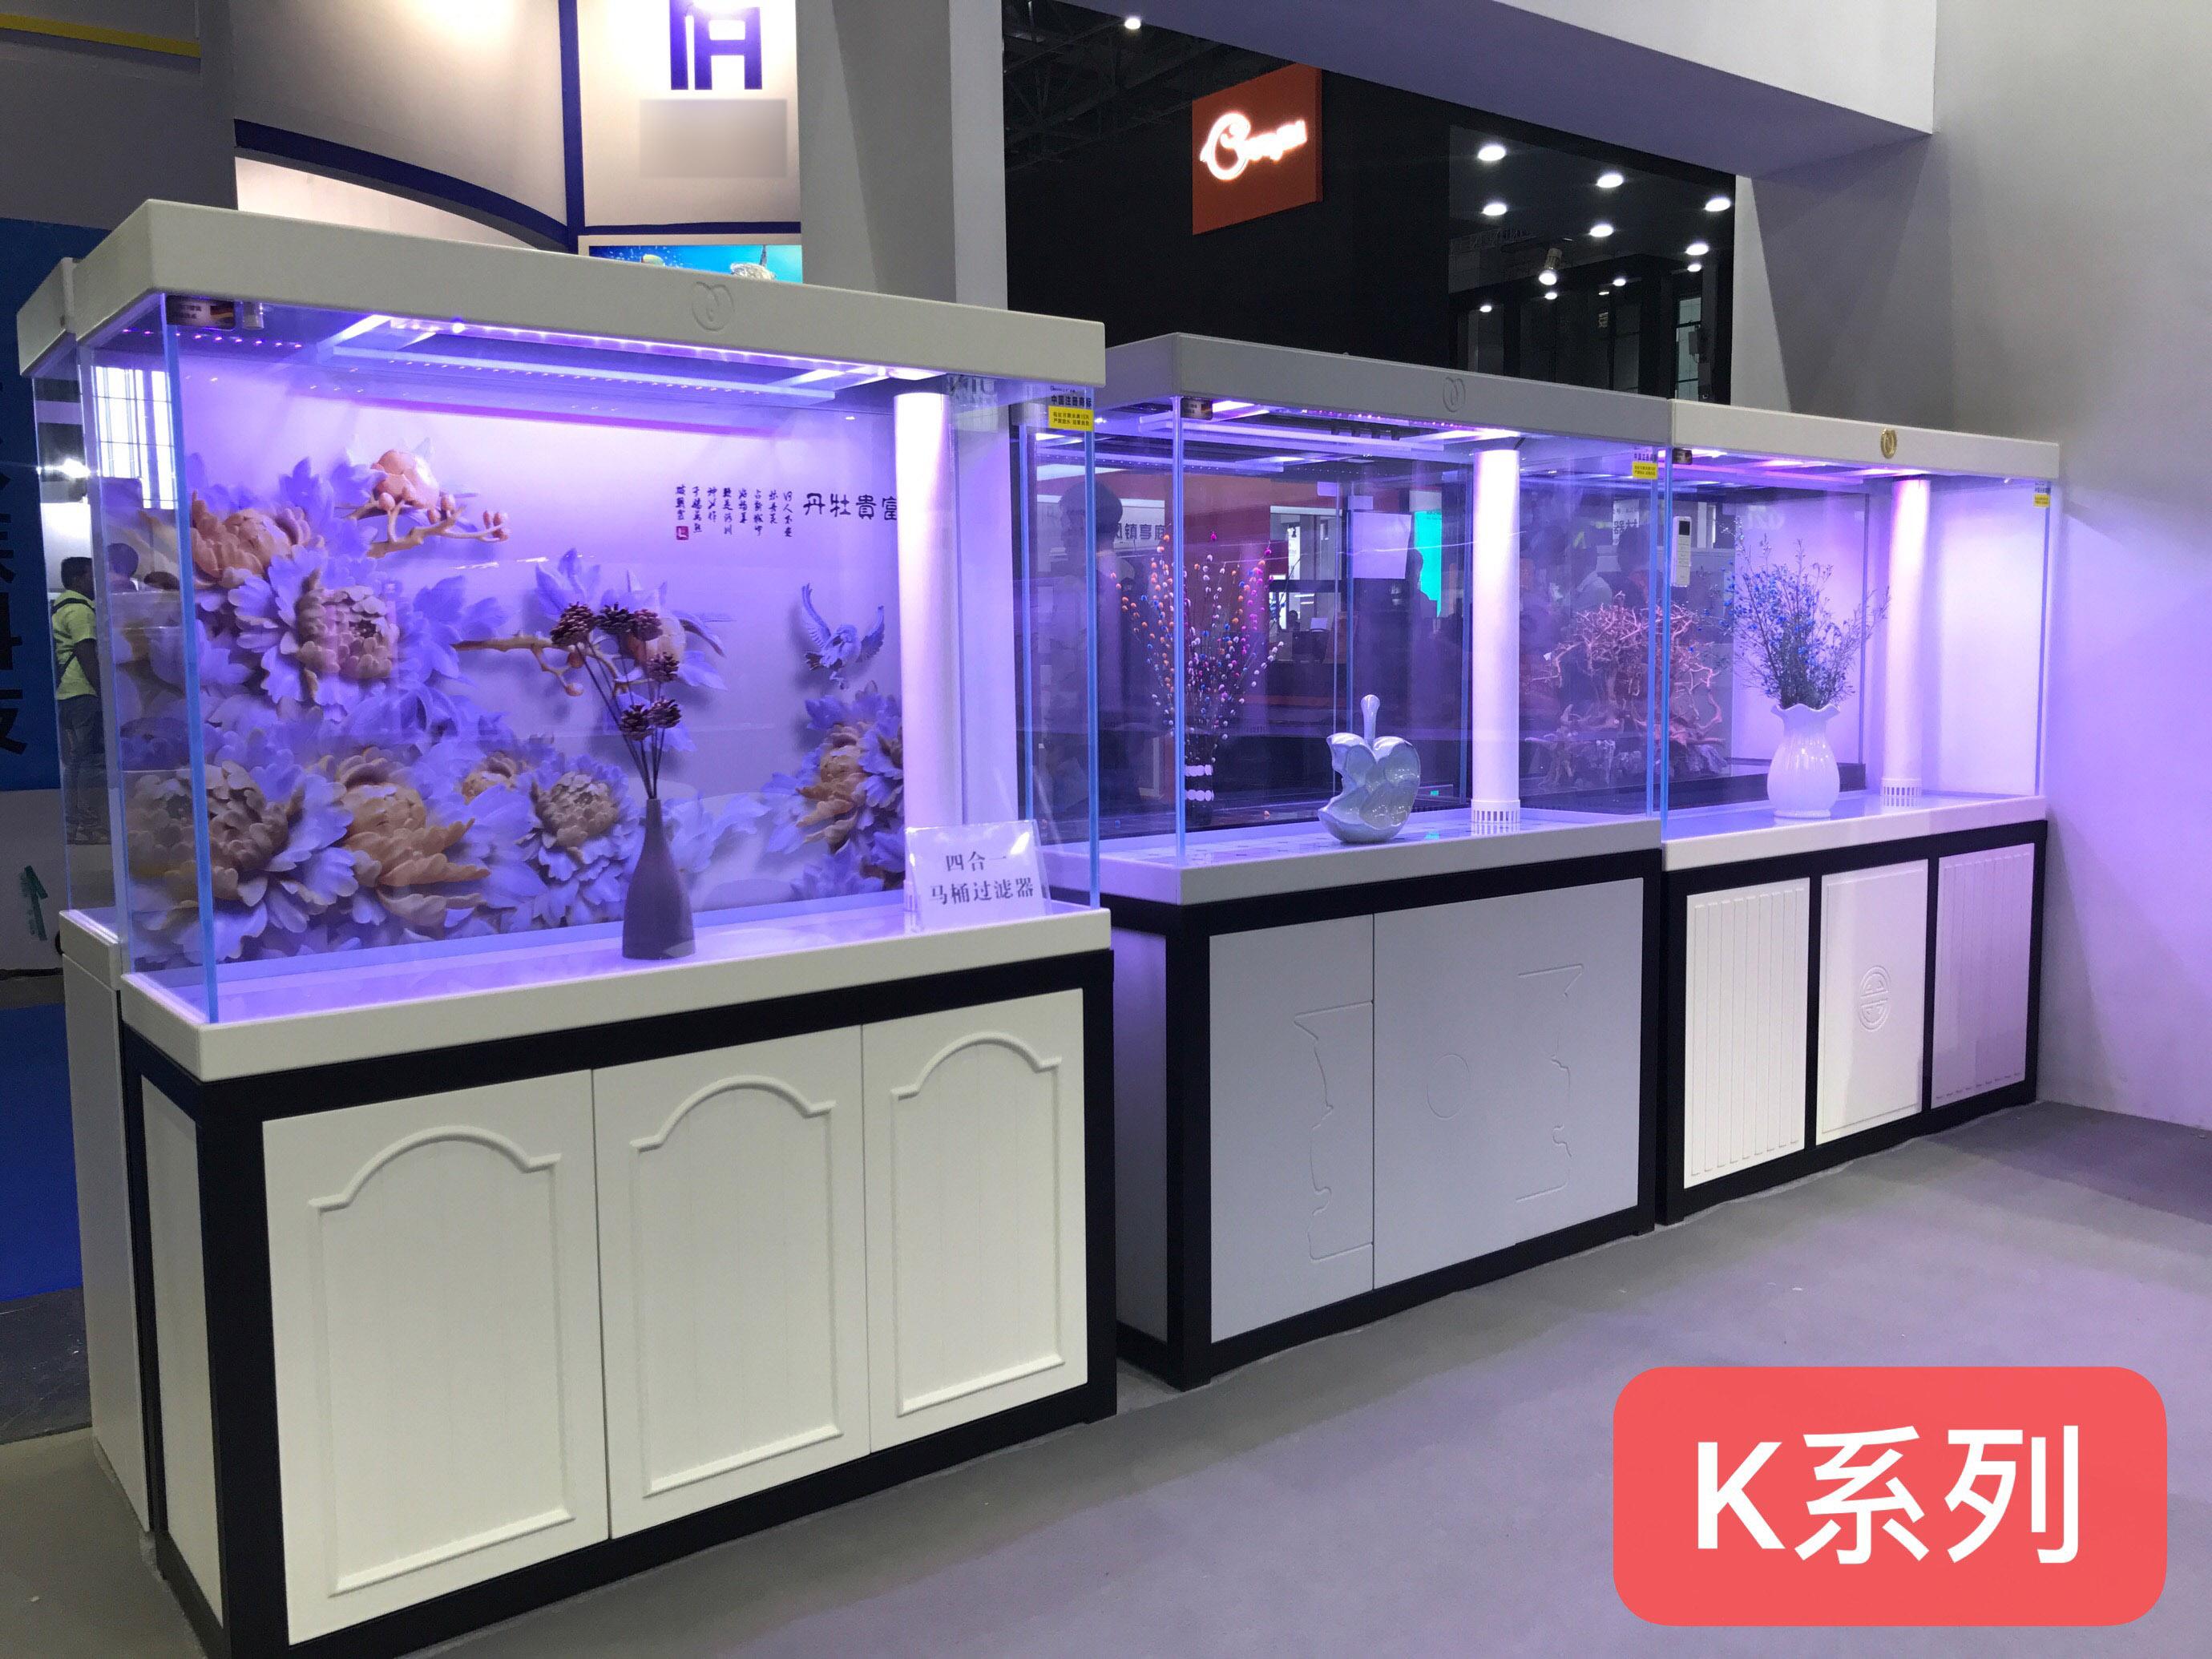 名亨生态水族箱K系列1.2米1.5米1.8米款式